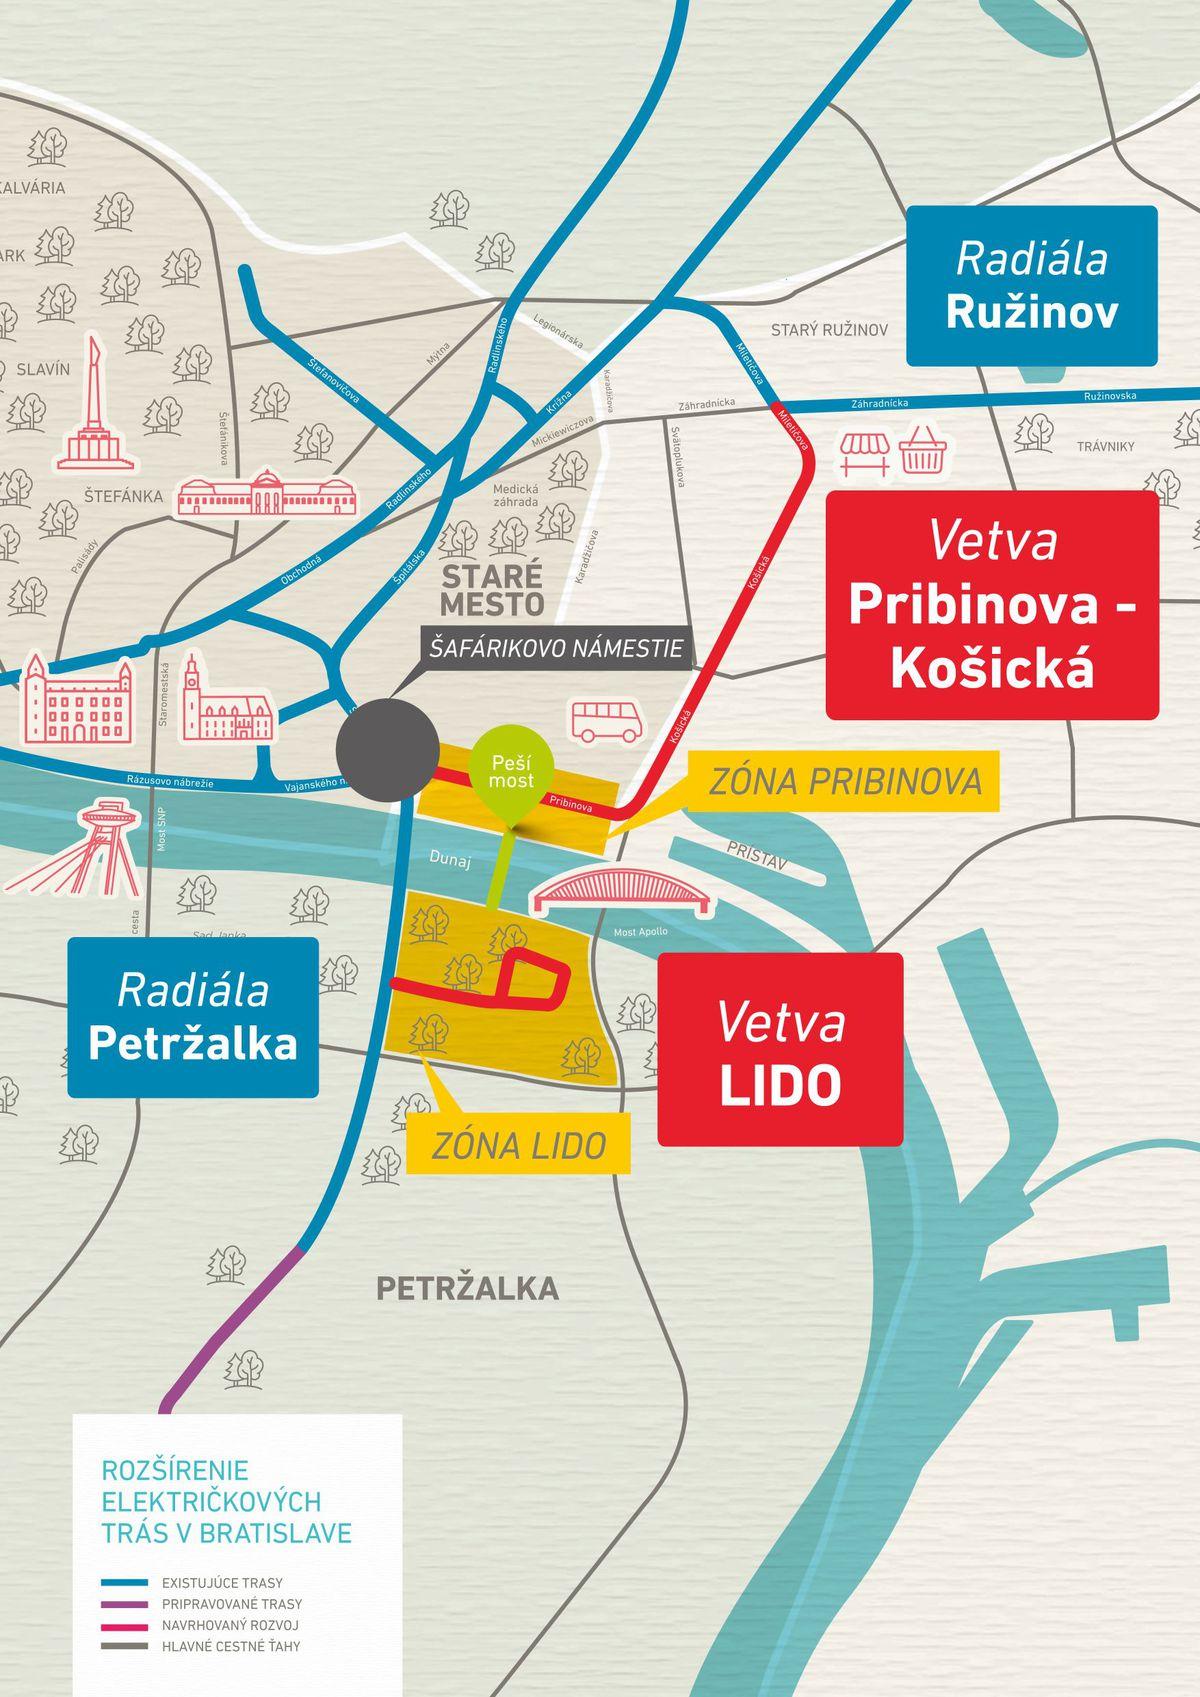 J T Navrhuje V Bratislave Novu Elektrickovu Trat Reaguje Tak Na